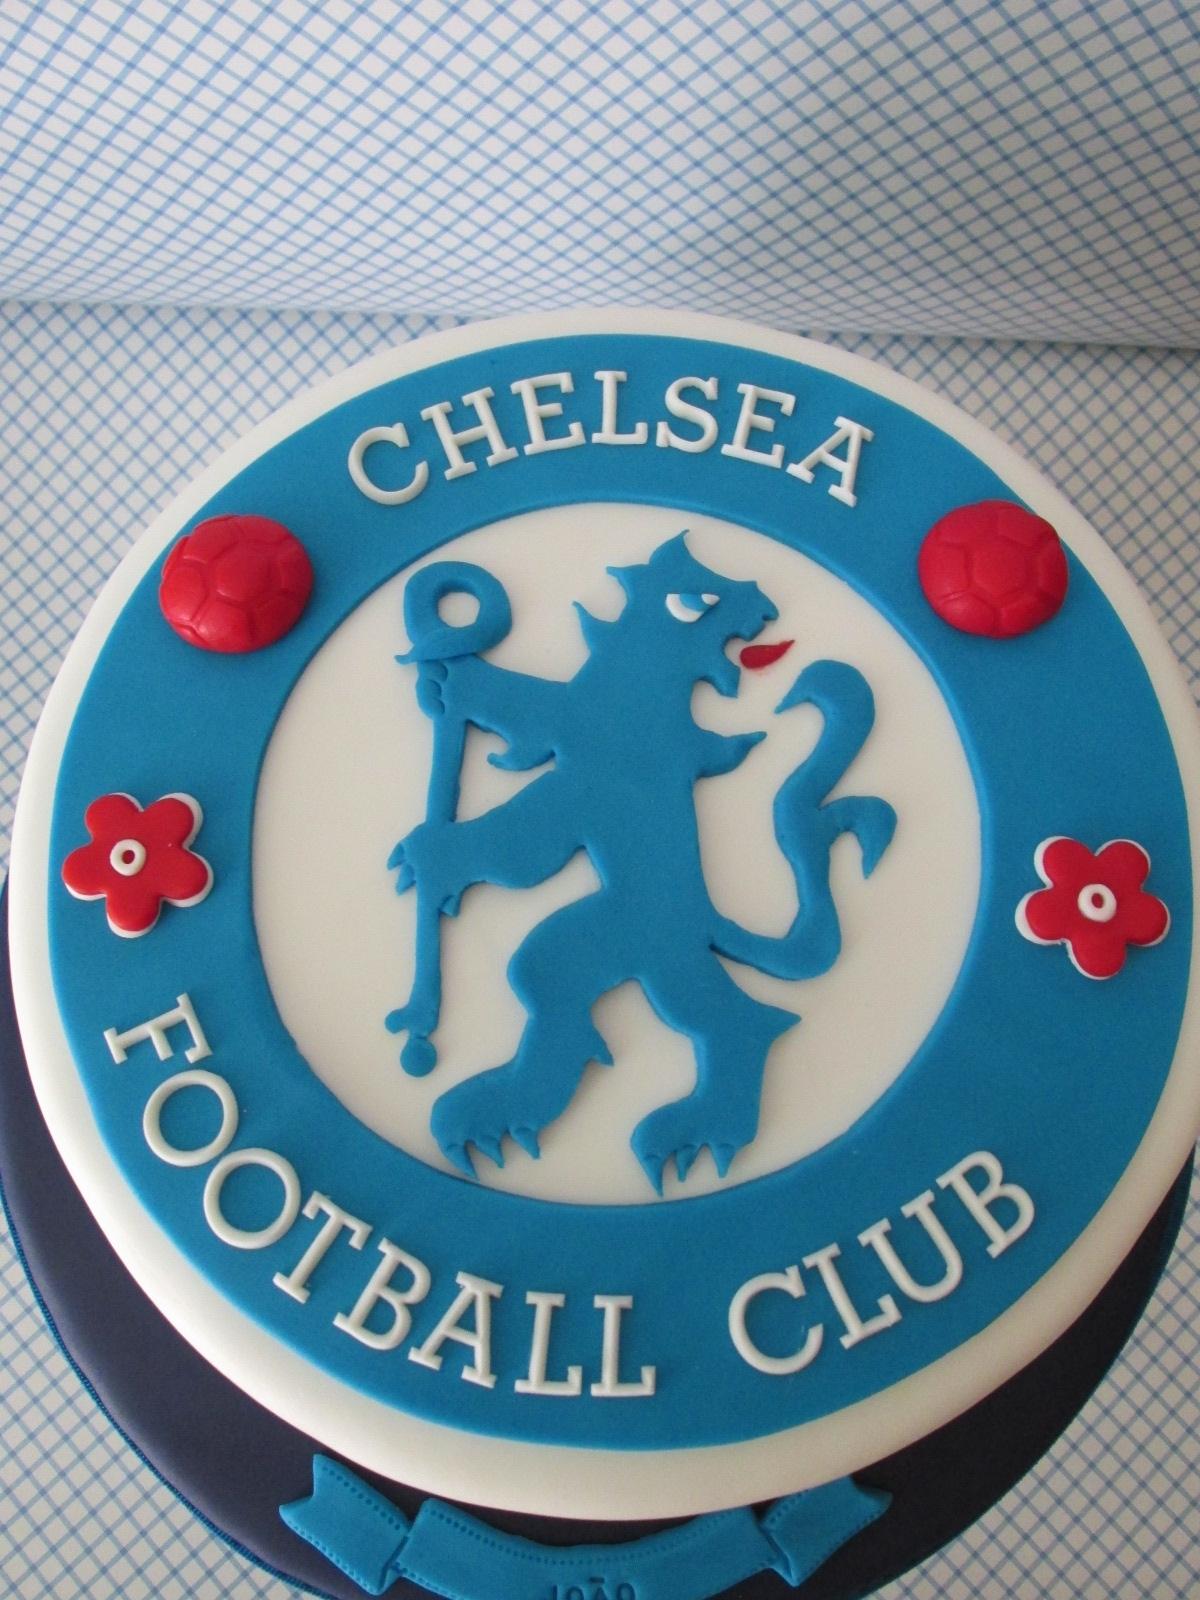 Chelsea Fc Cake Recipe